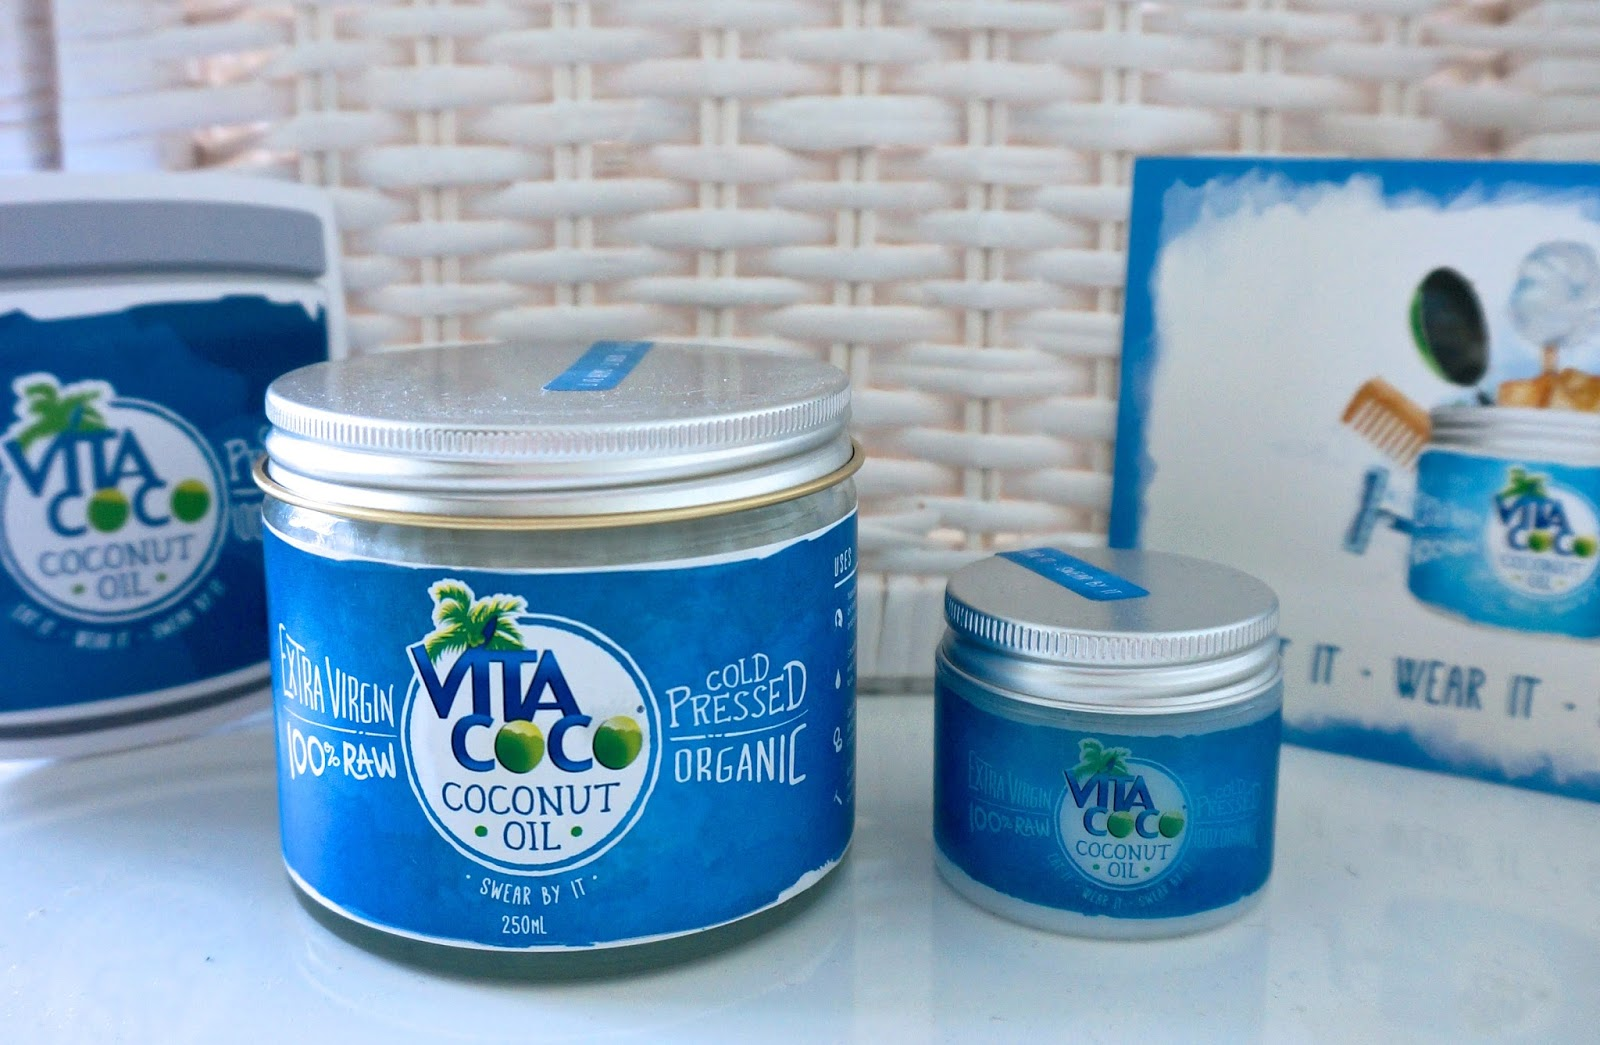 5 Uses for Vita Coco's Coconut Oil